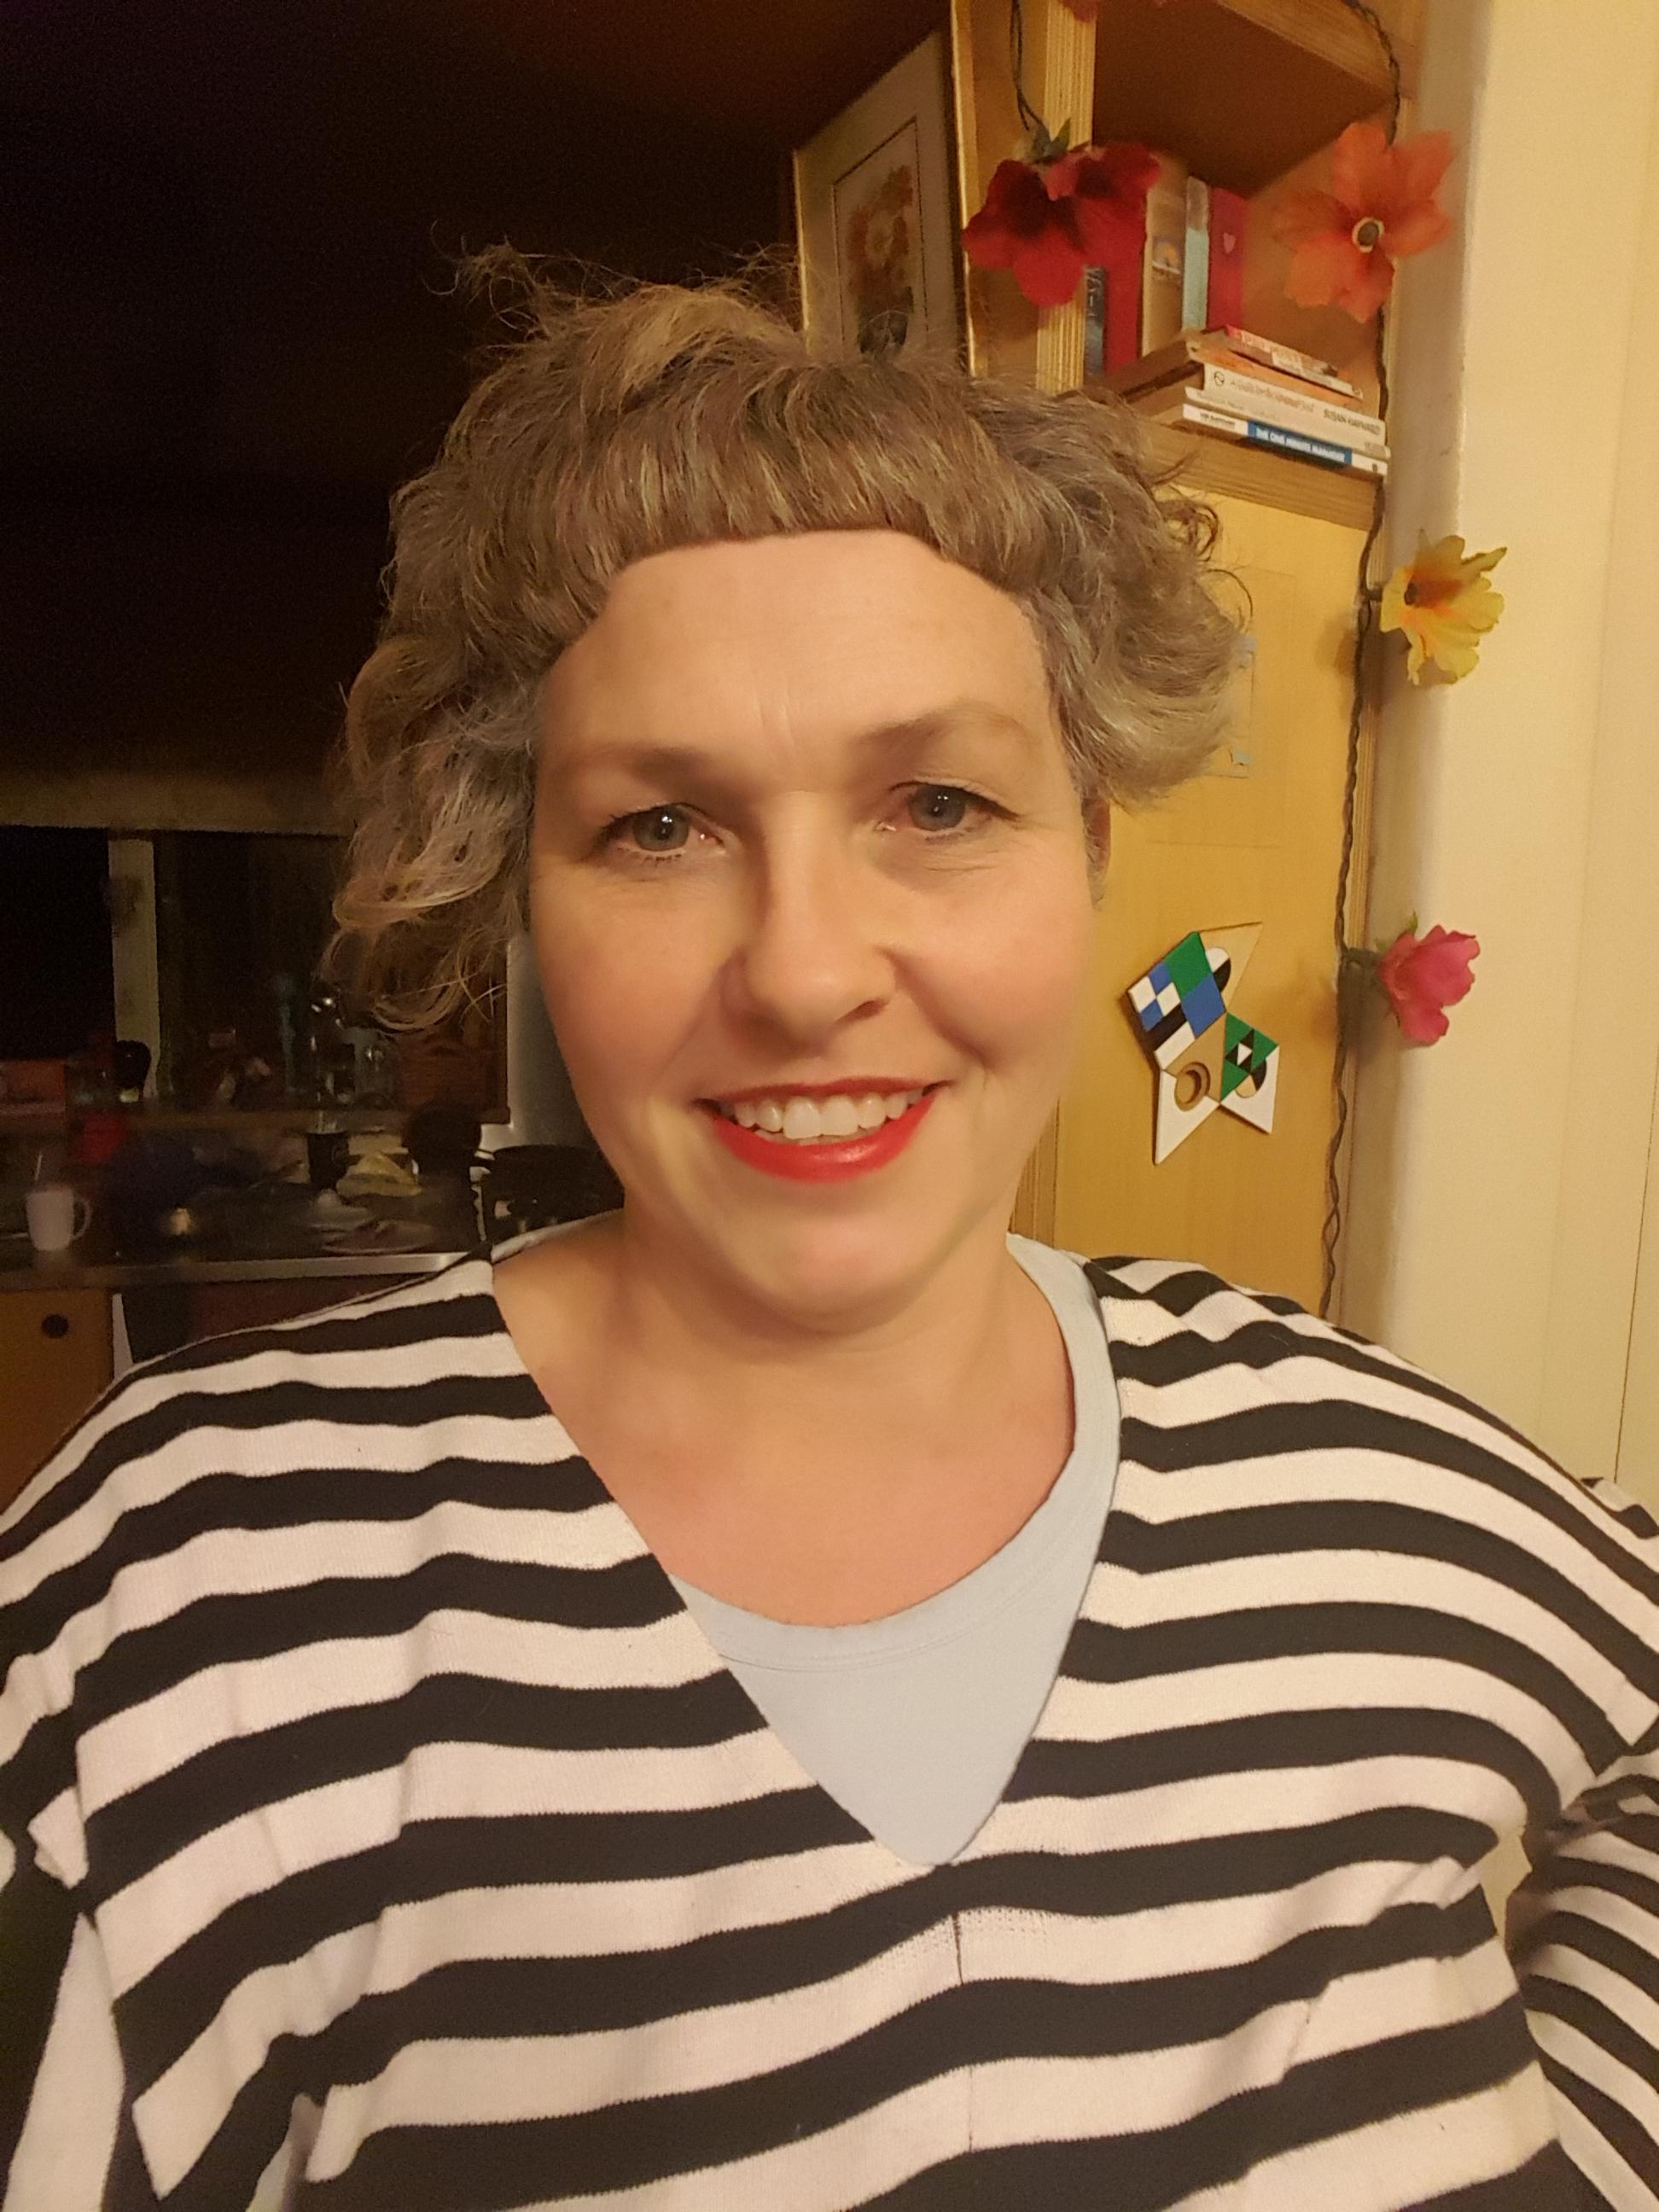 Maxine's profile picture